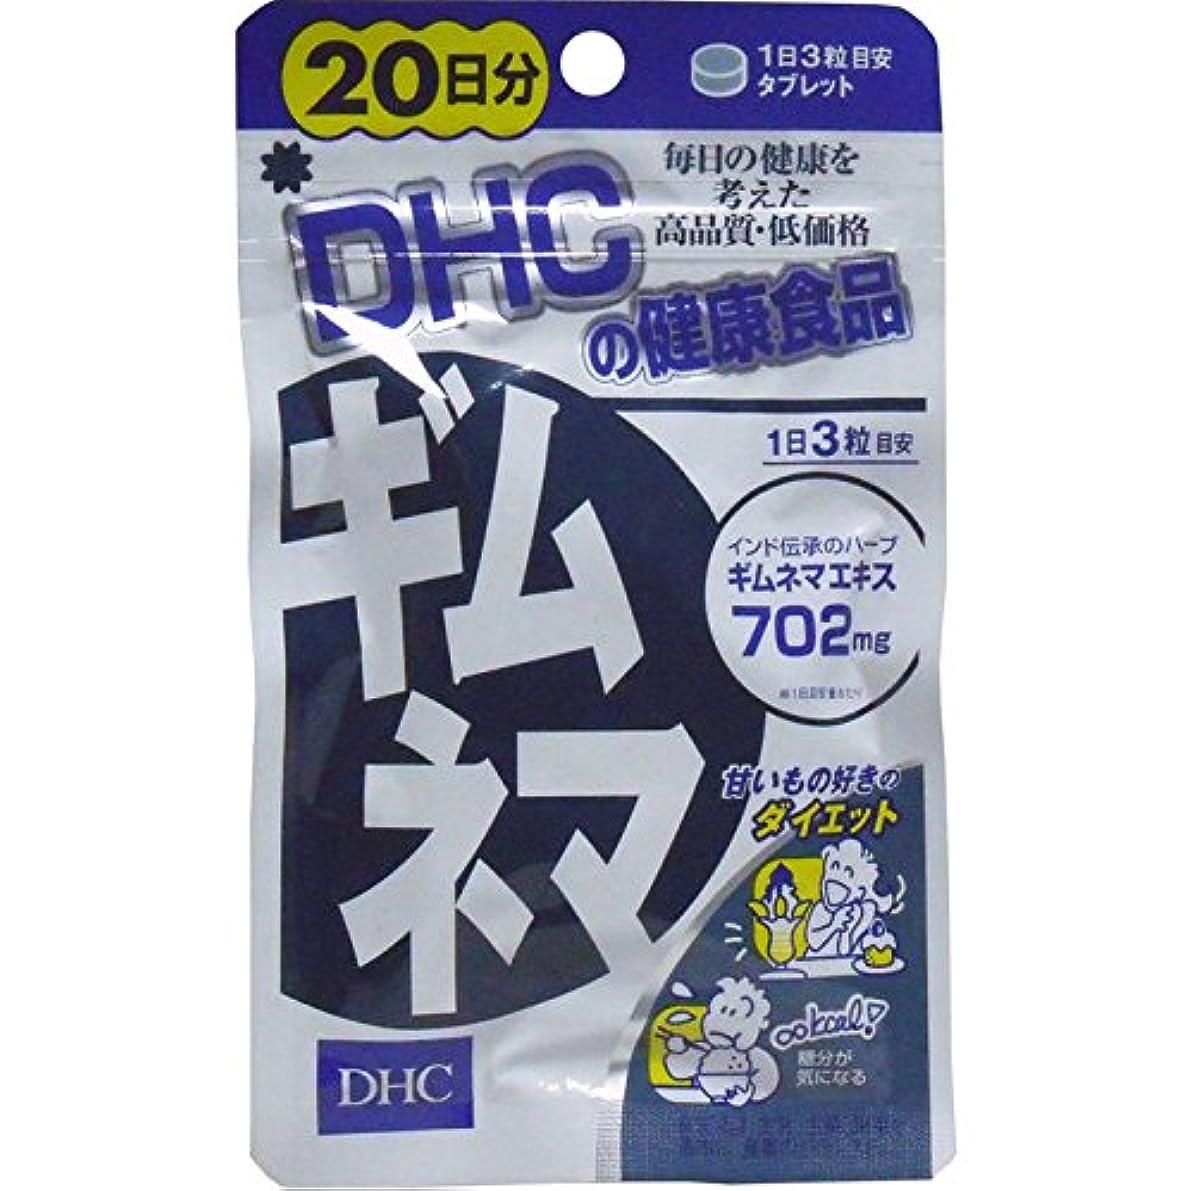 高める達成する支配的ダイエット 美容 健康 余分な糖分をブロック 便利 DHC ギムネマ 20日分 60粒